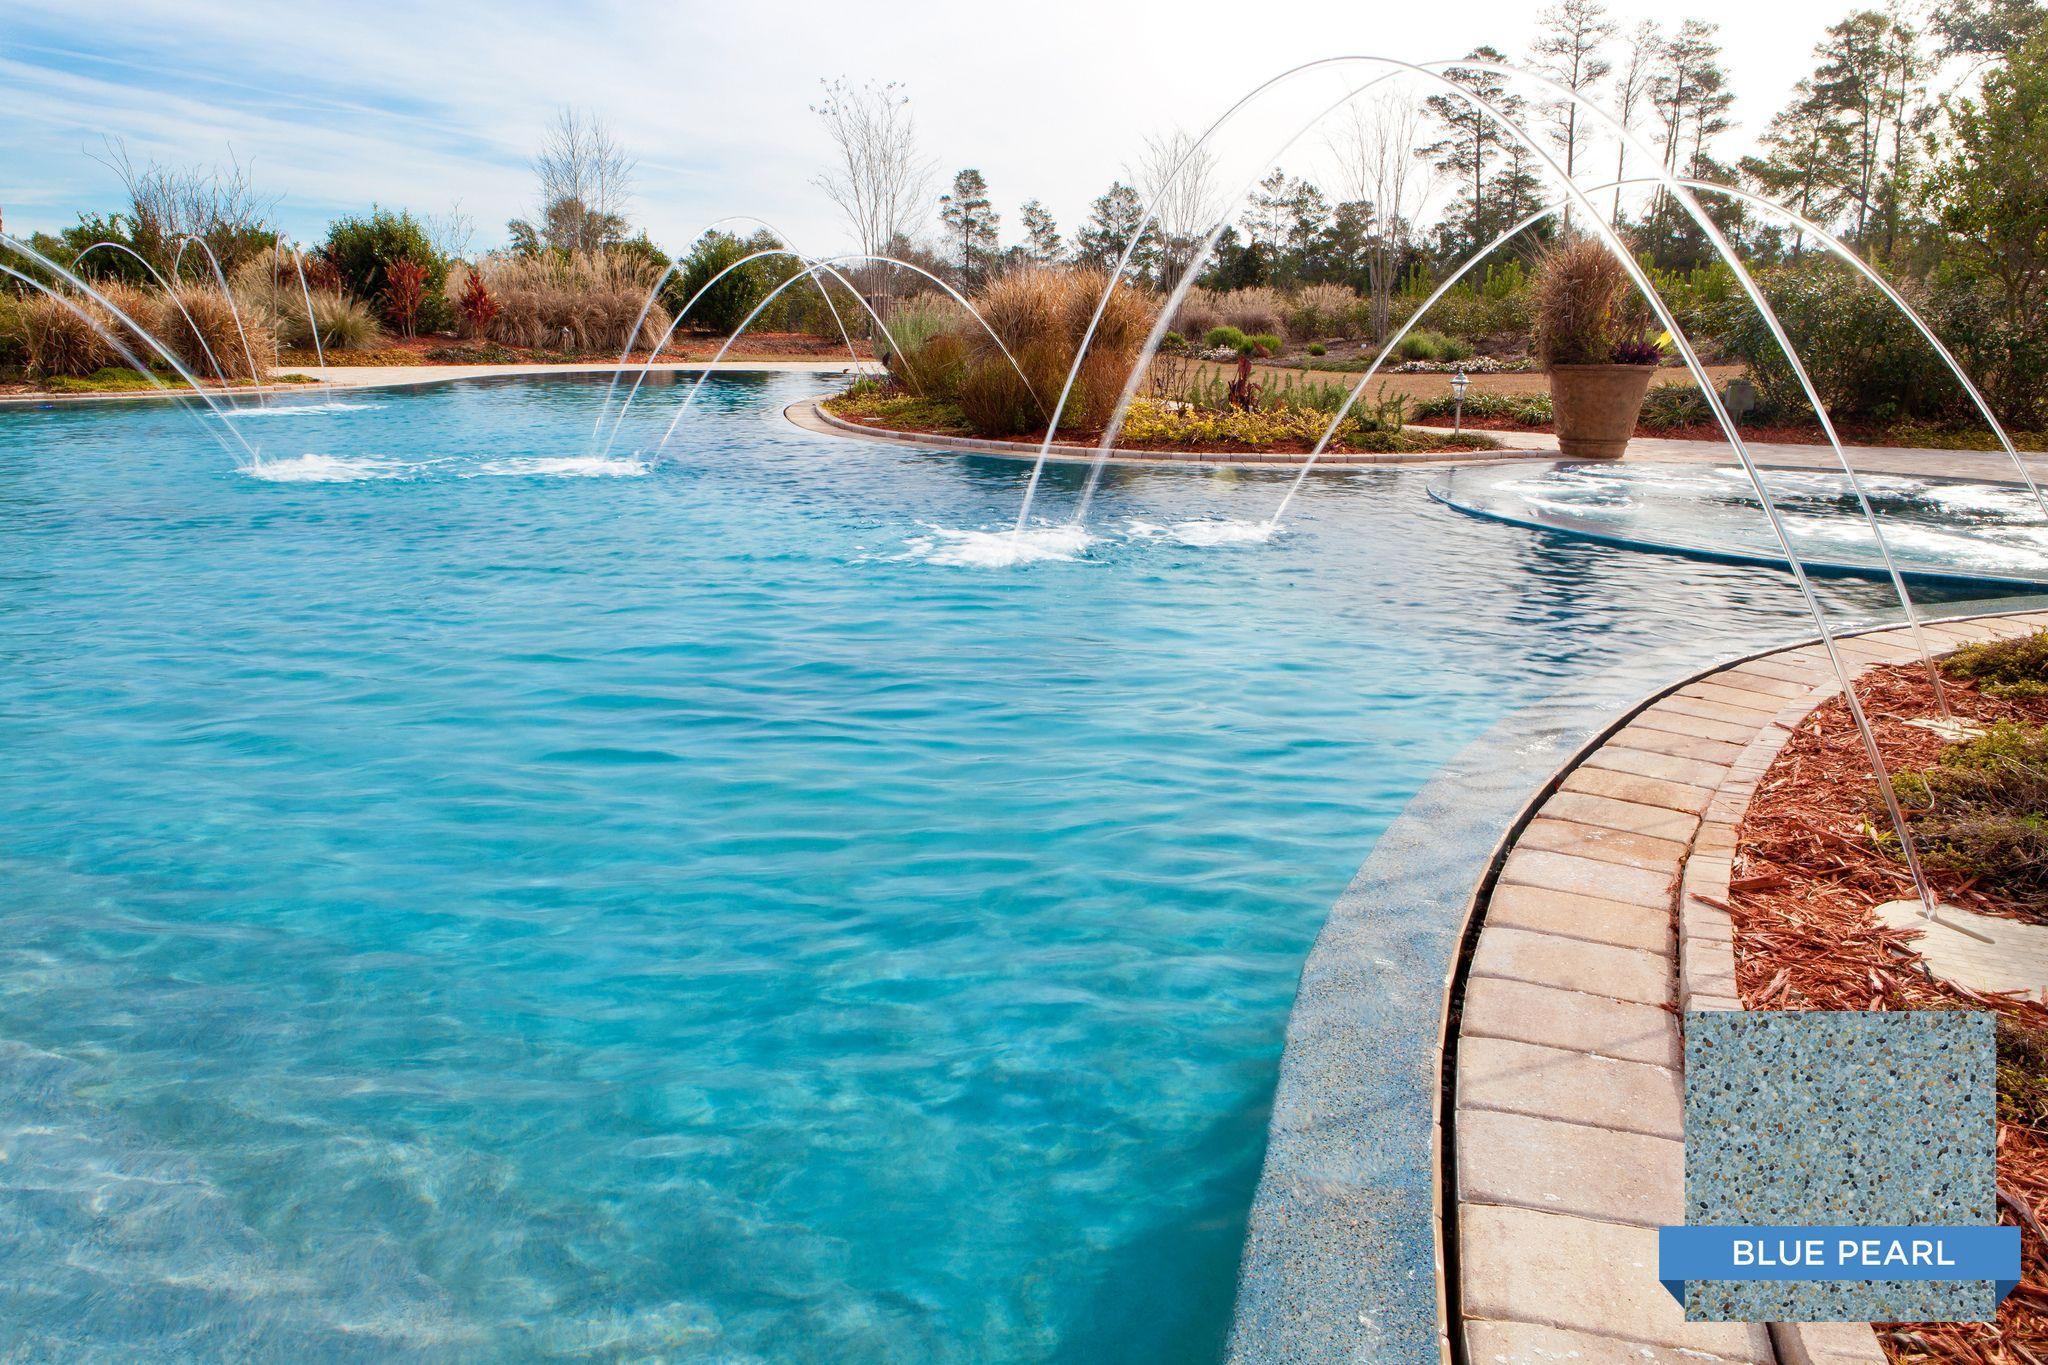 Sunstone Pearl Blue Pearl Makes This Pool Sparkle Nice Pool Cox Pools Of Panama City Fl